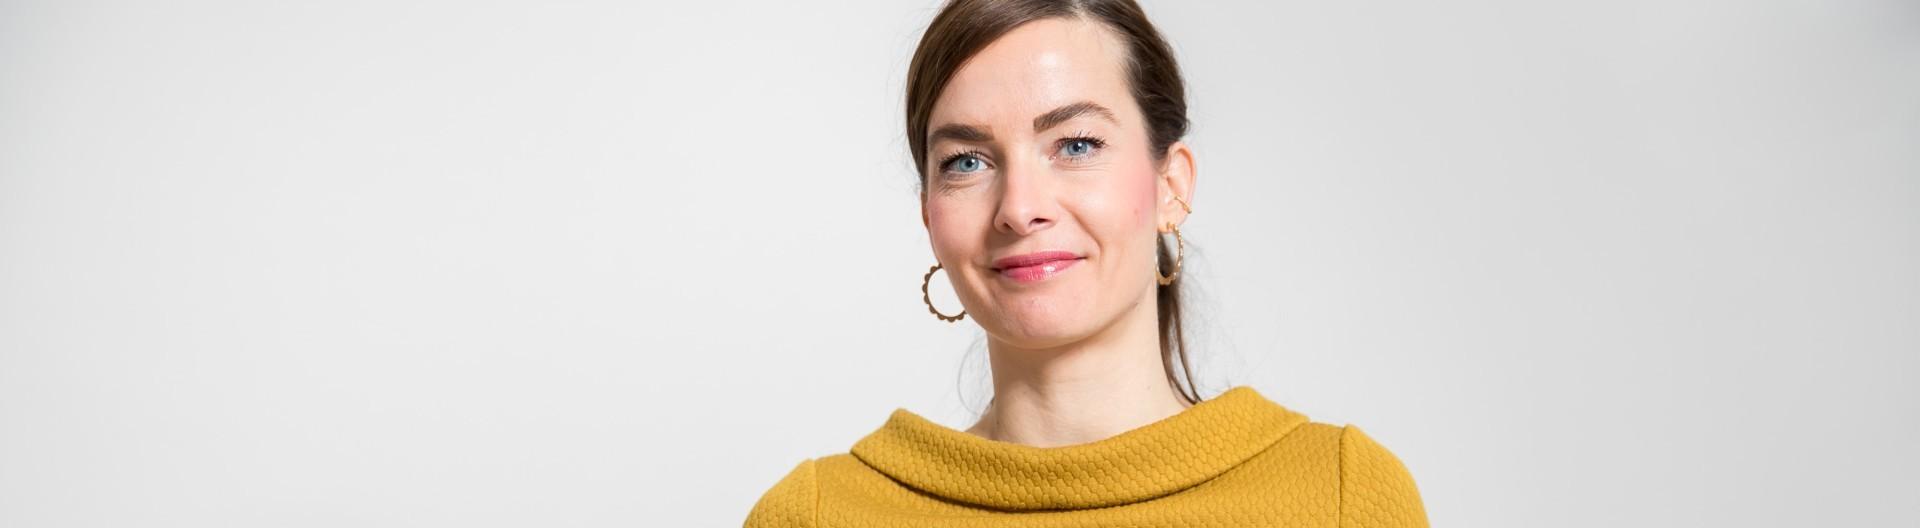 Britta Zur, Polizeichefin in Gelsenkirchen.